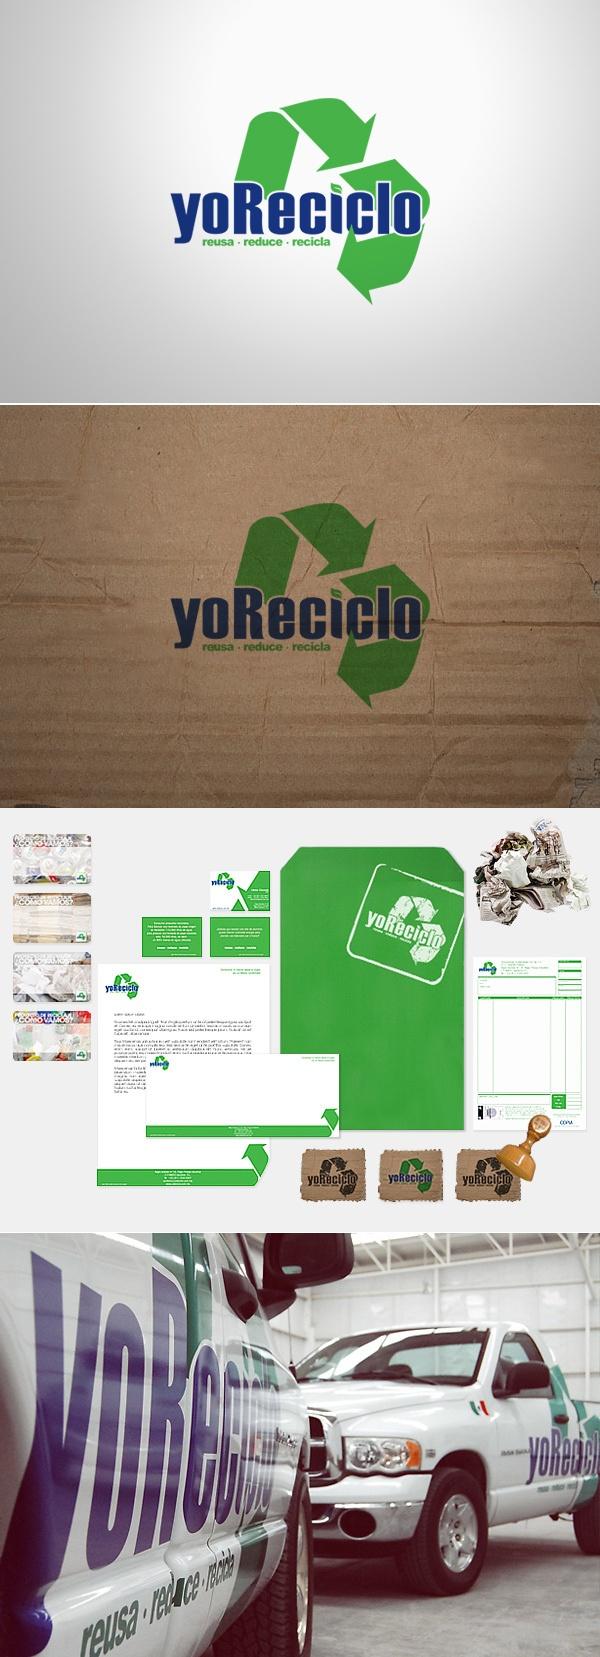 """empresa dedicada al reciclaje de distintos materiales.Se ve el simbolo de reciclaje, con una flecha menos ,dispuesto en una superficie de papel o madera, la tipografia es azul y semi-formal, el  fondo indica el tipo de material con el que la empresa trabaja , el simbolo de reciclaje nos muestra que la empresa solo desarrolla una parte del proceso de reciclaje y la tipo le da un toque mas informal ,por esto el nombre """"yo"""" reciclo, se identifica con la gente."""